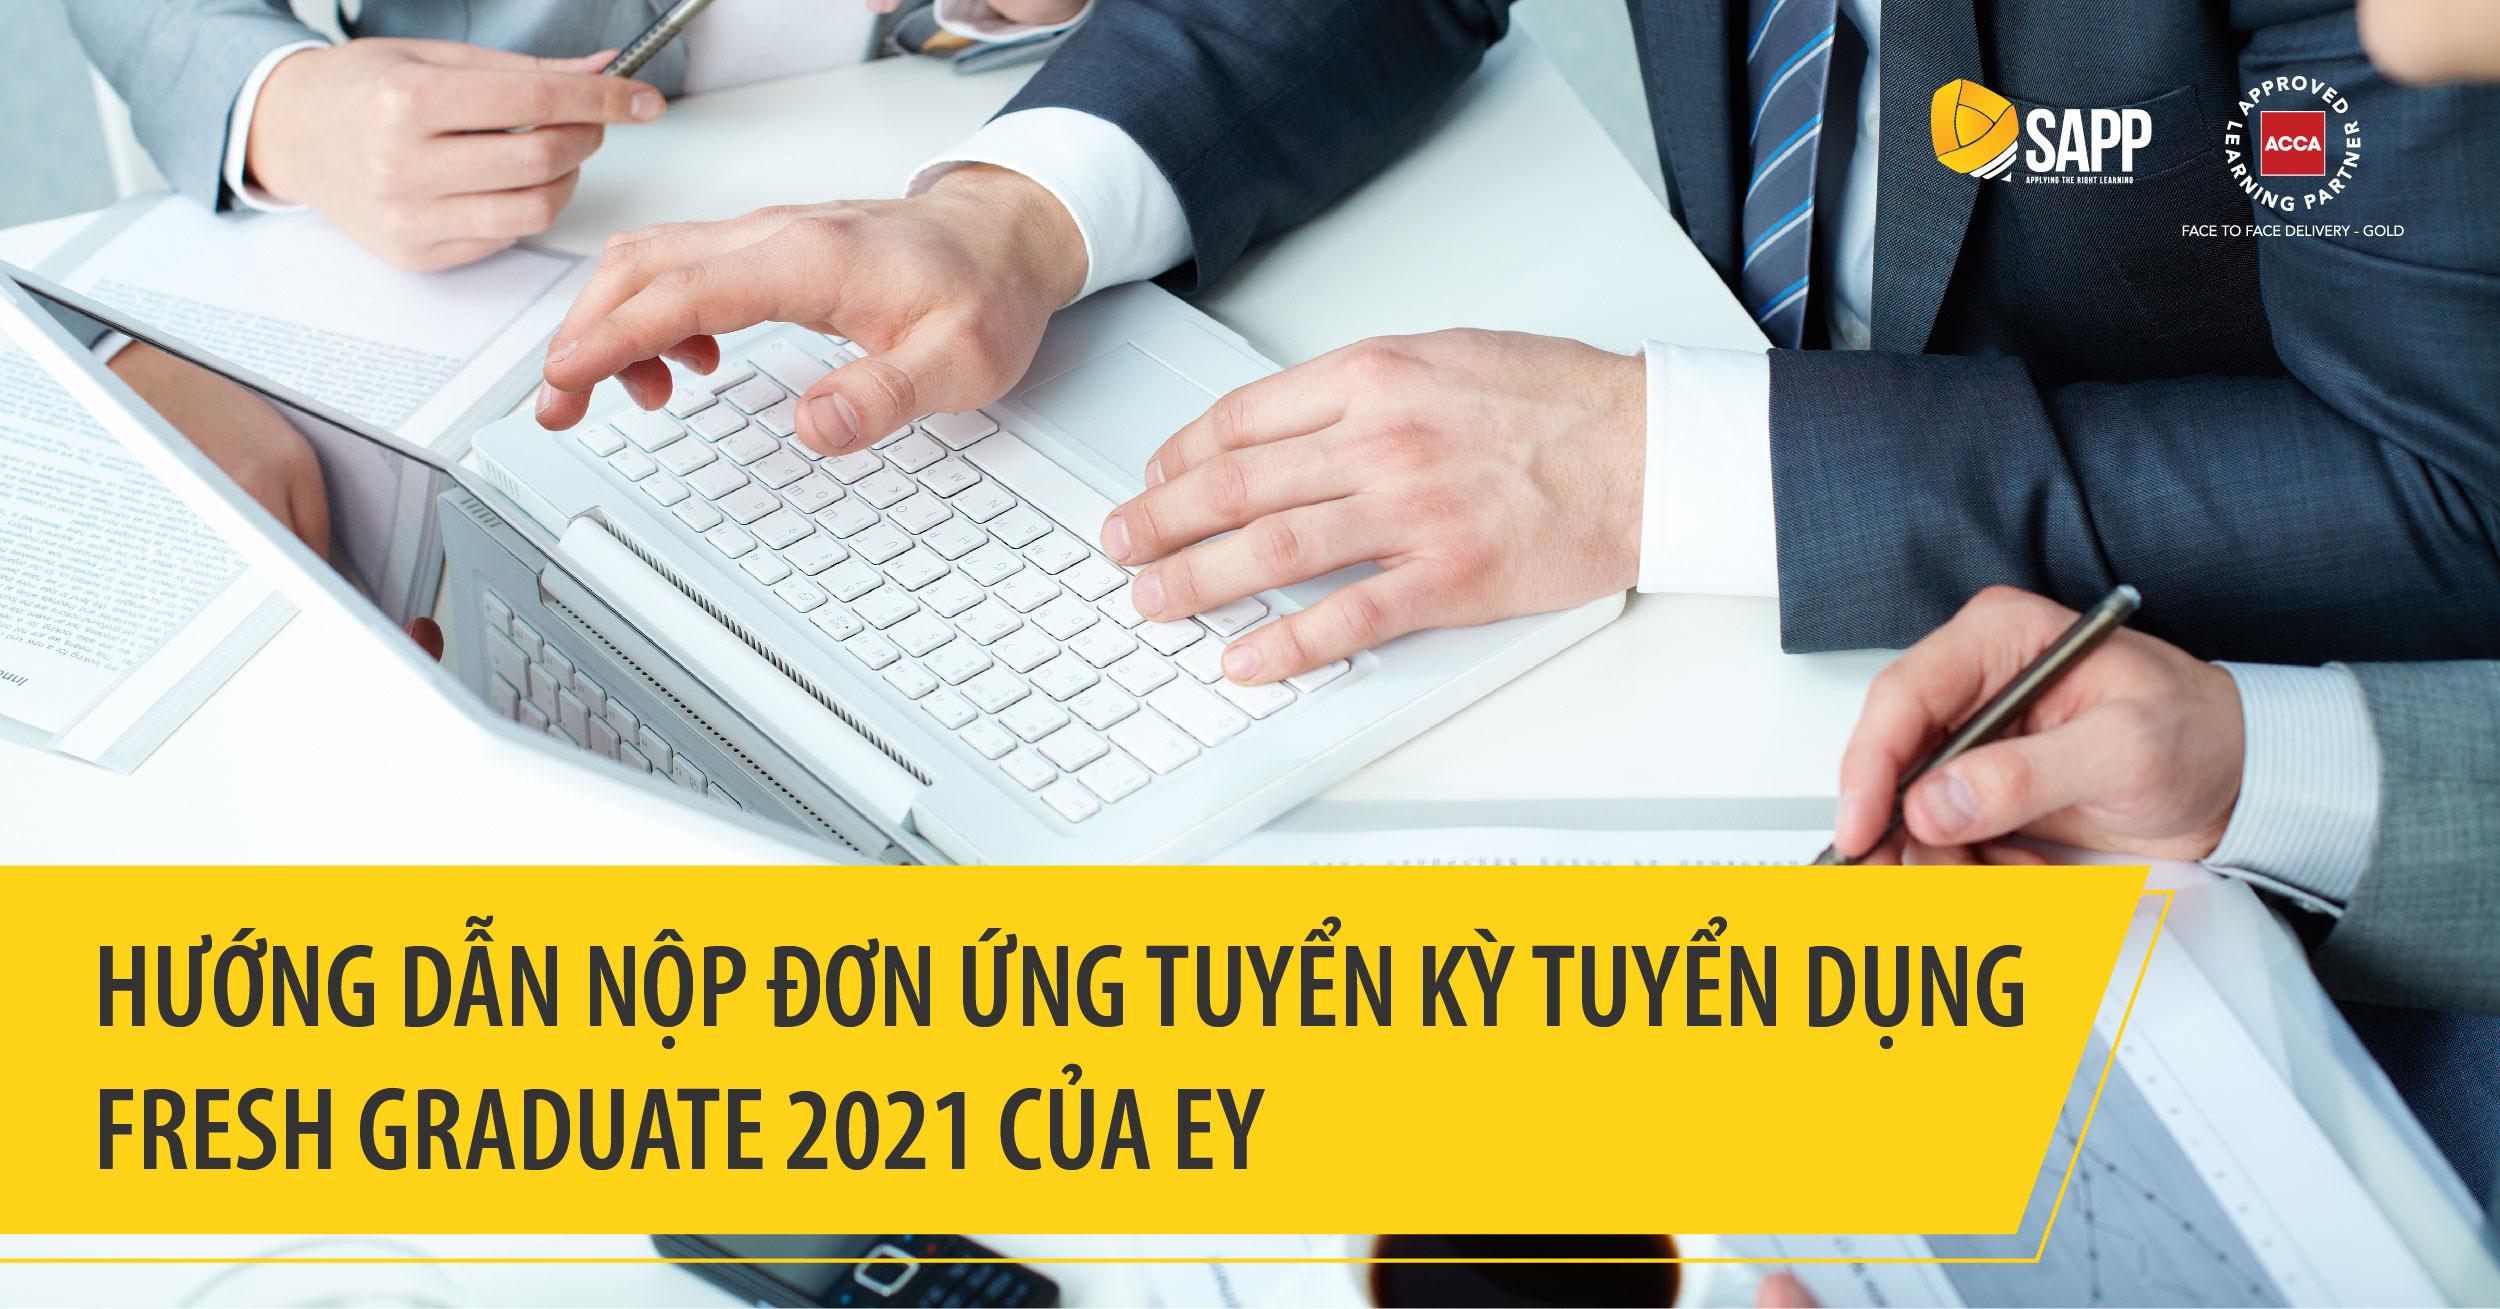 Hướng dẫn nộp đơn ứng tuyển kỳ tuyển dụng Fresh Graduate 2021 của EY